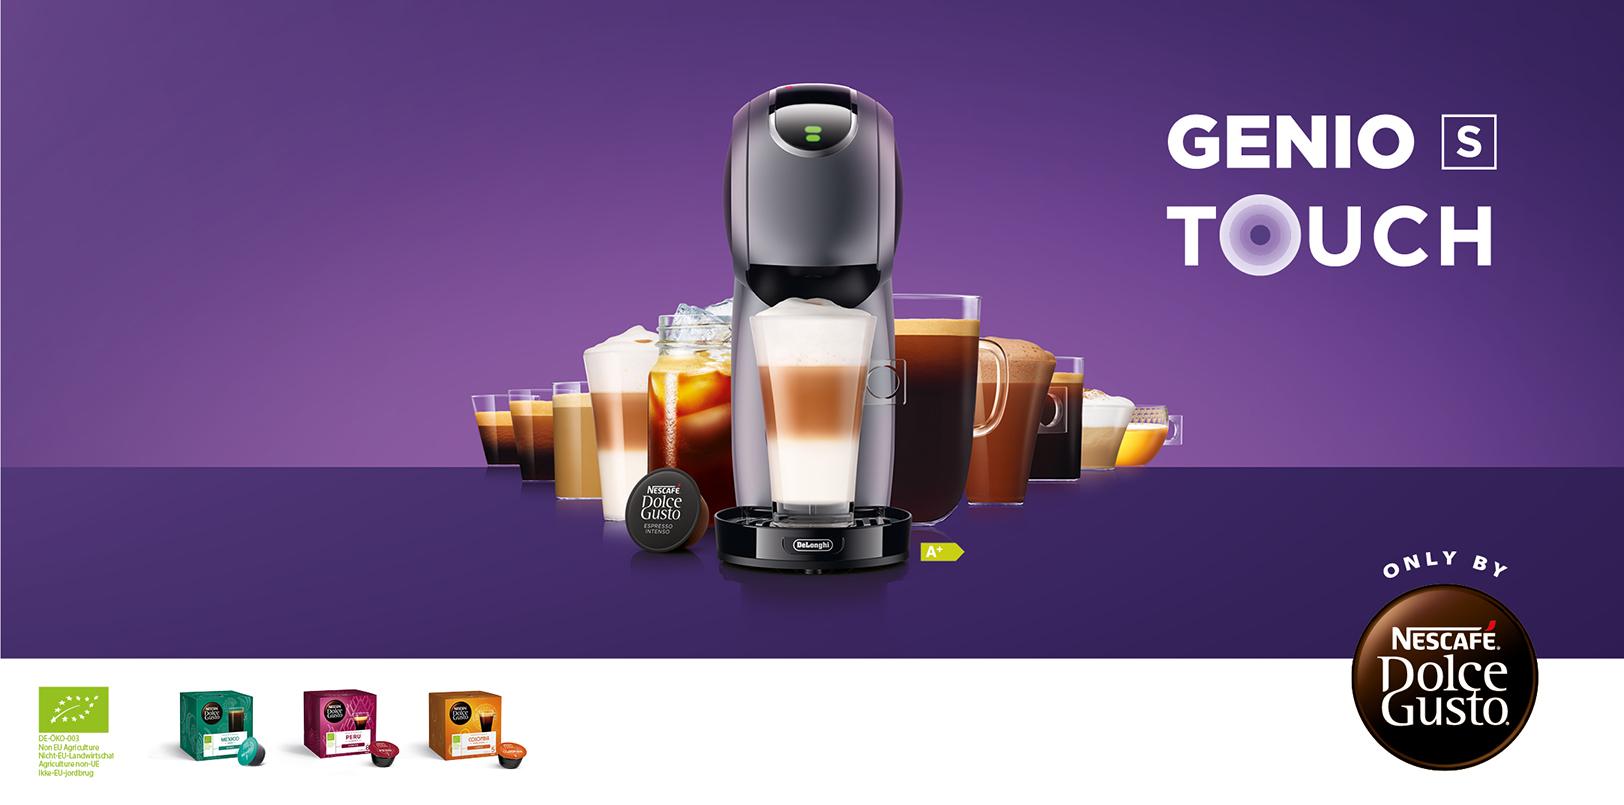 GENIO S Touch Kaffeemaschine von NESCAFÉ Dolce Gusto